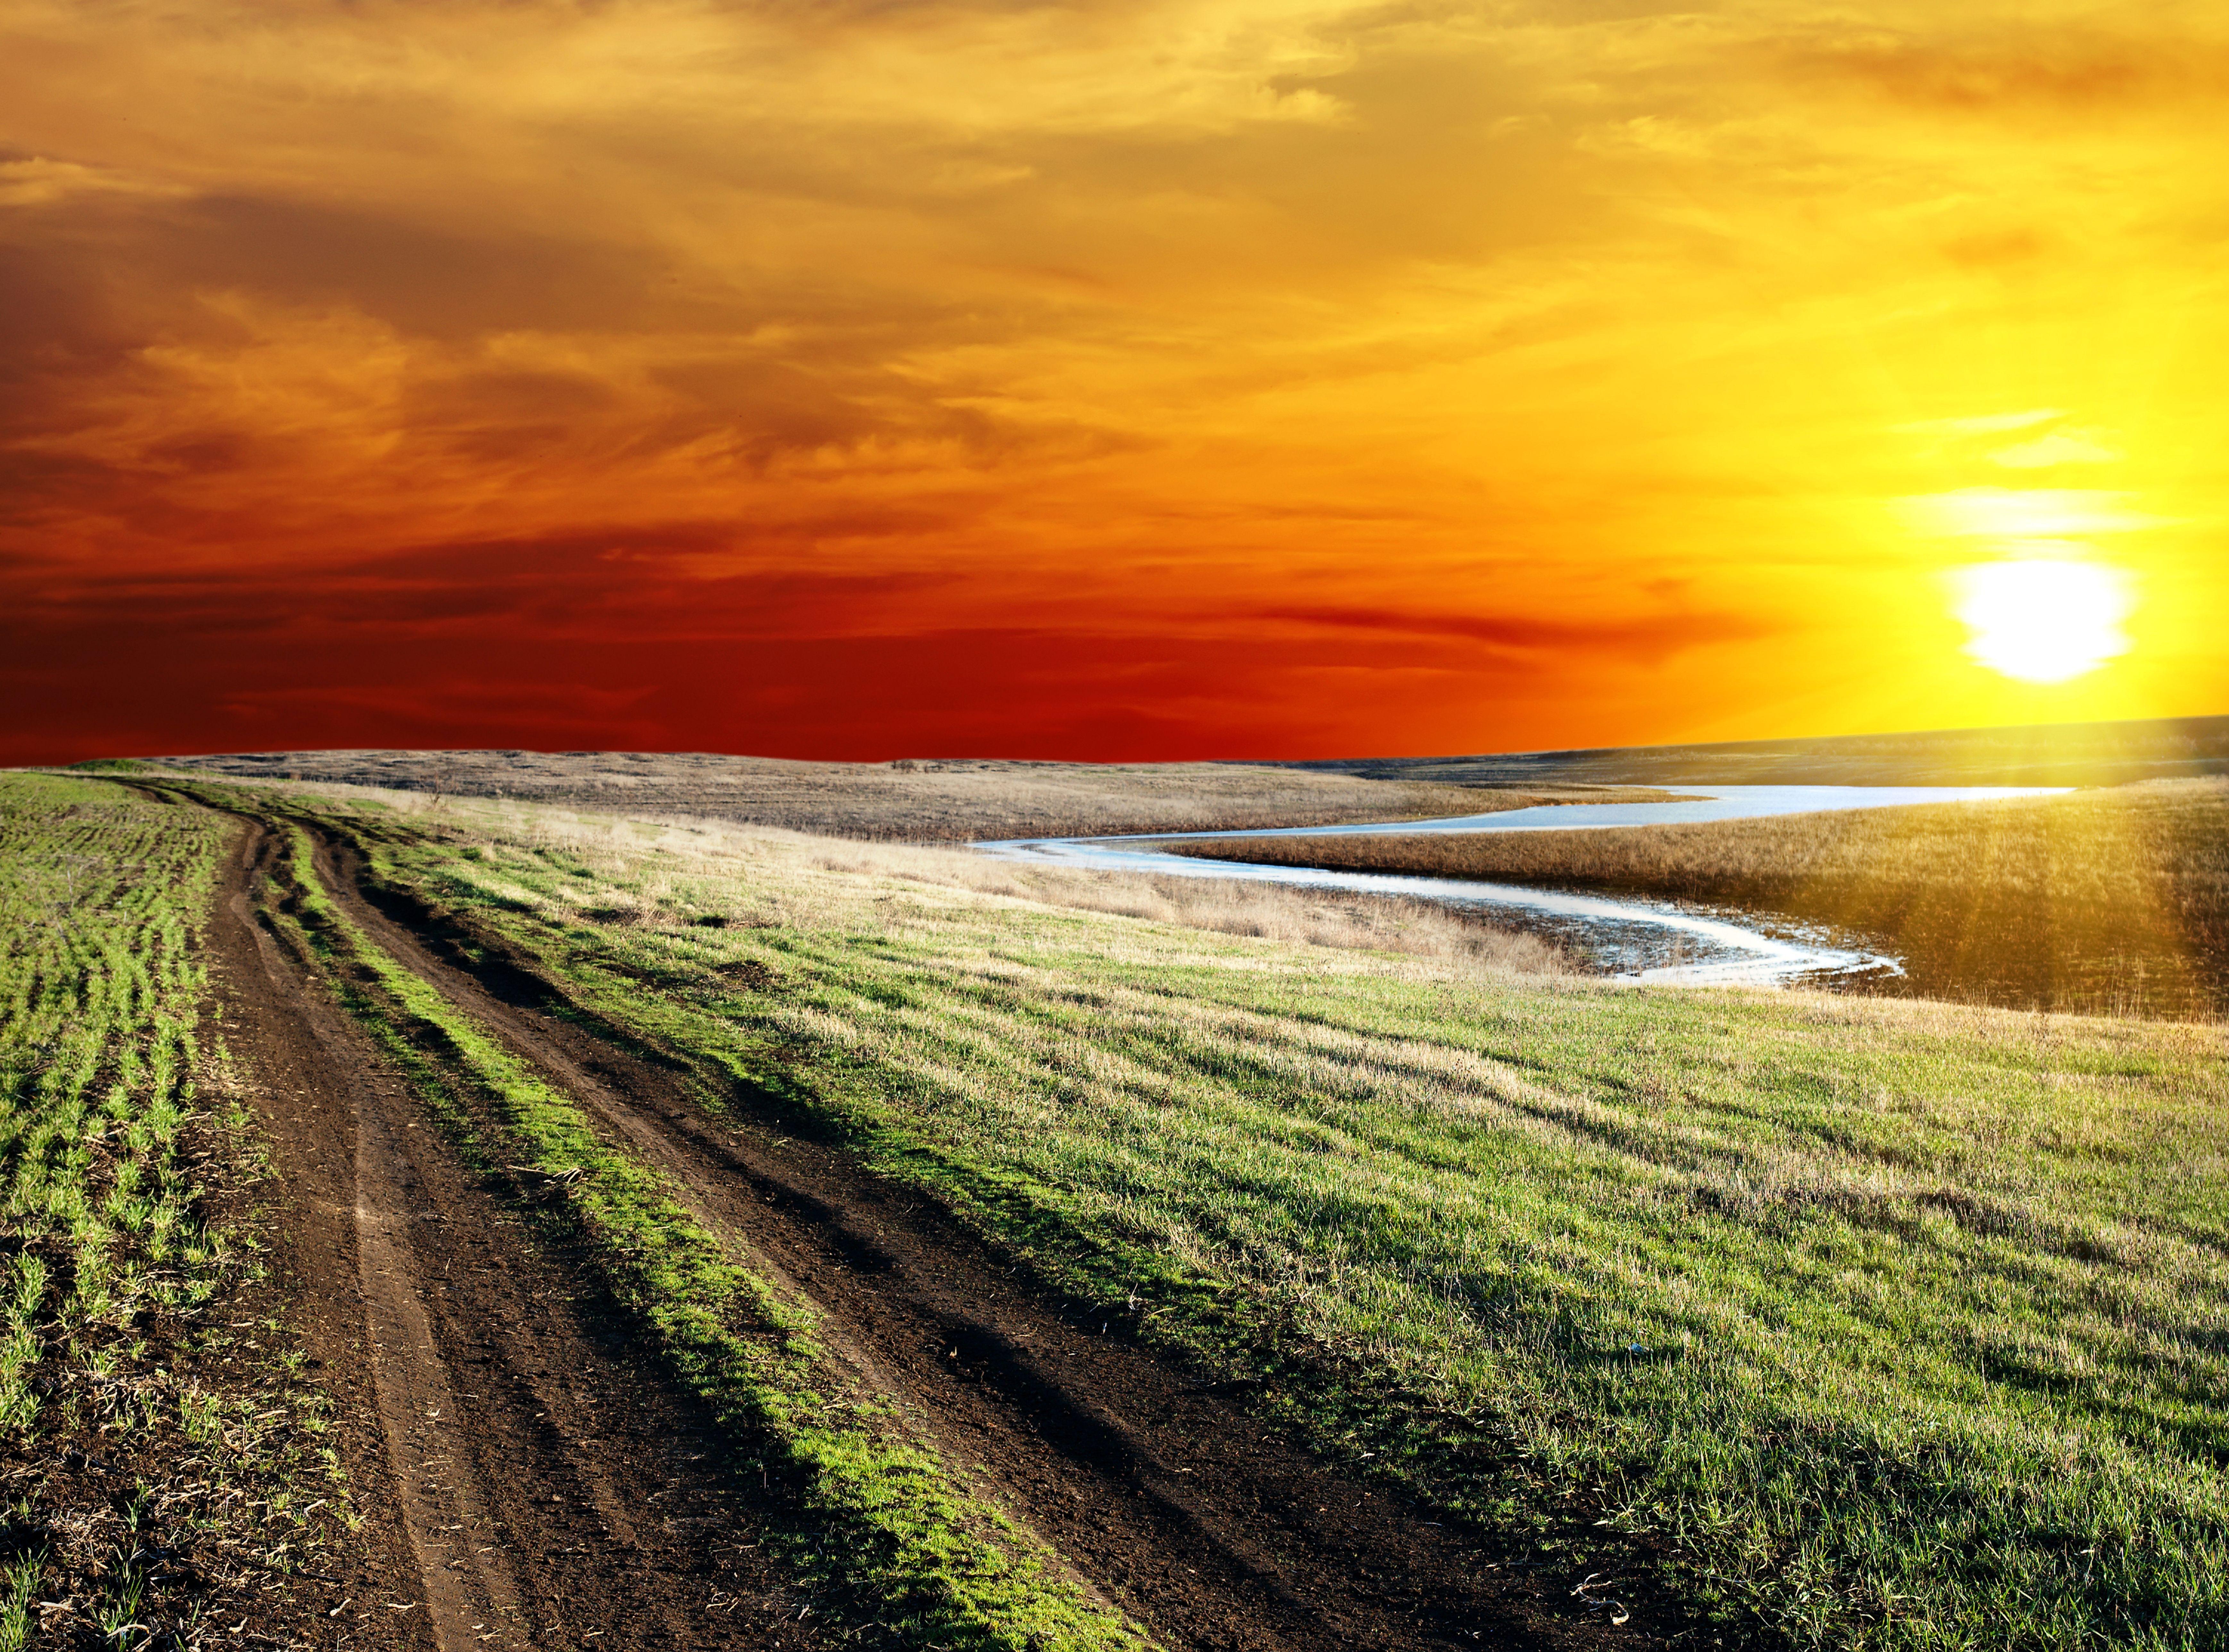 дорога лесостепь солнце  № 786320 бесплатно